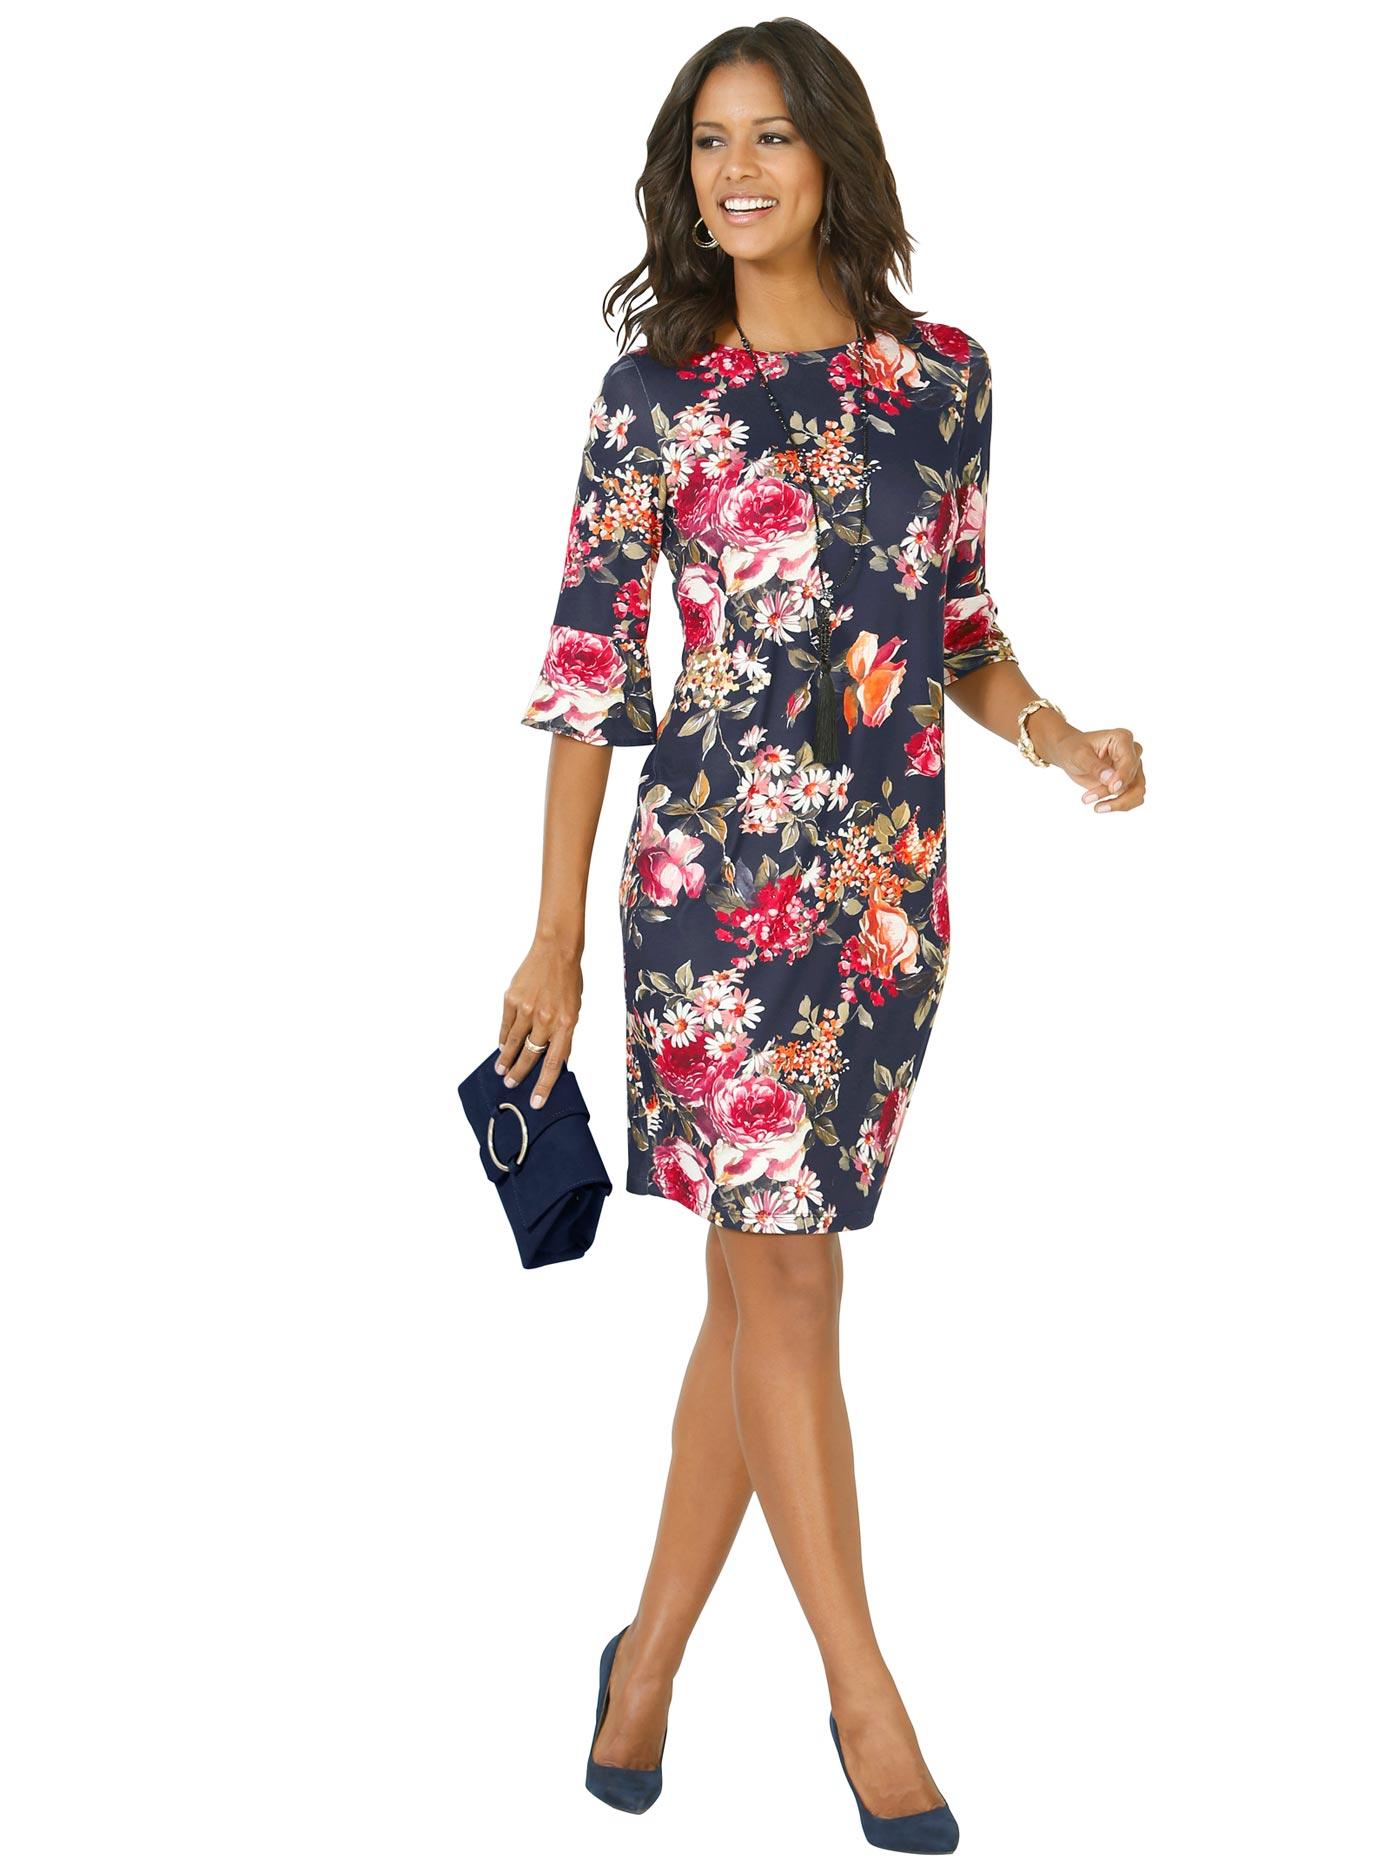 Image of Lady Jersey-Kleid mit hinreissendem Blumen-Muster